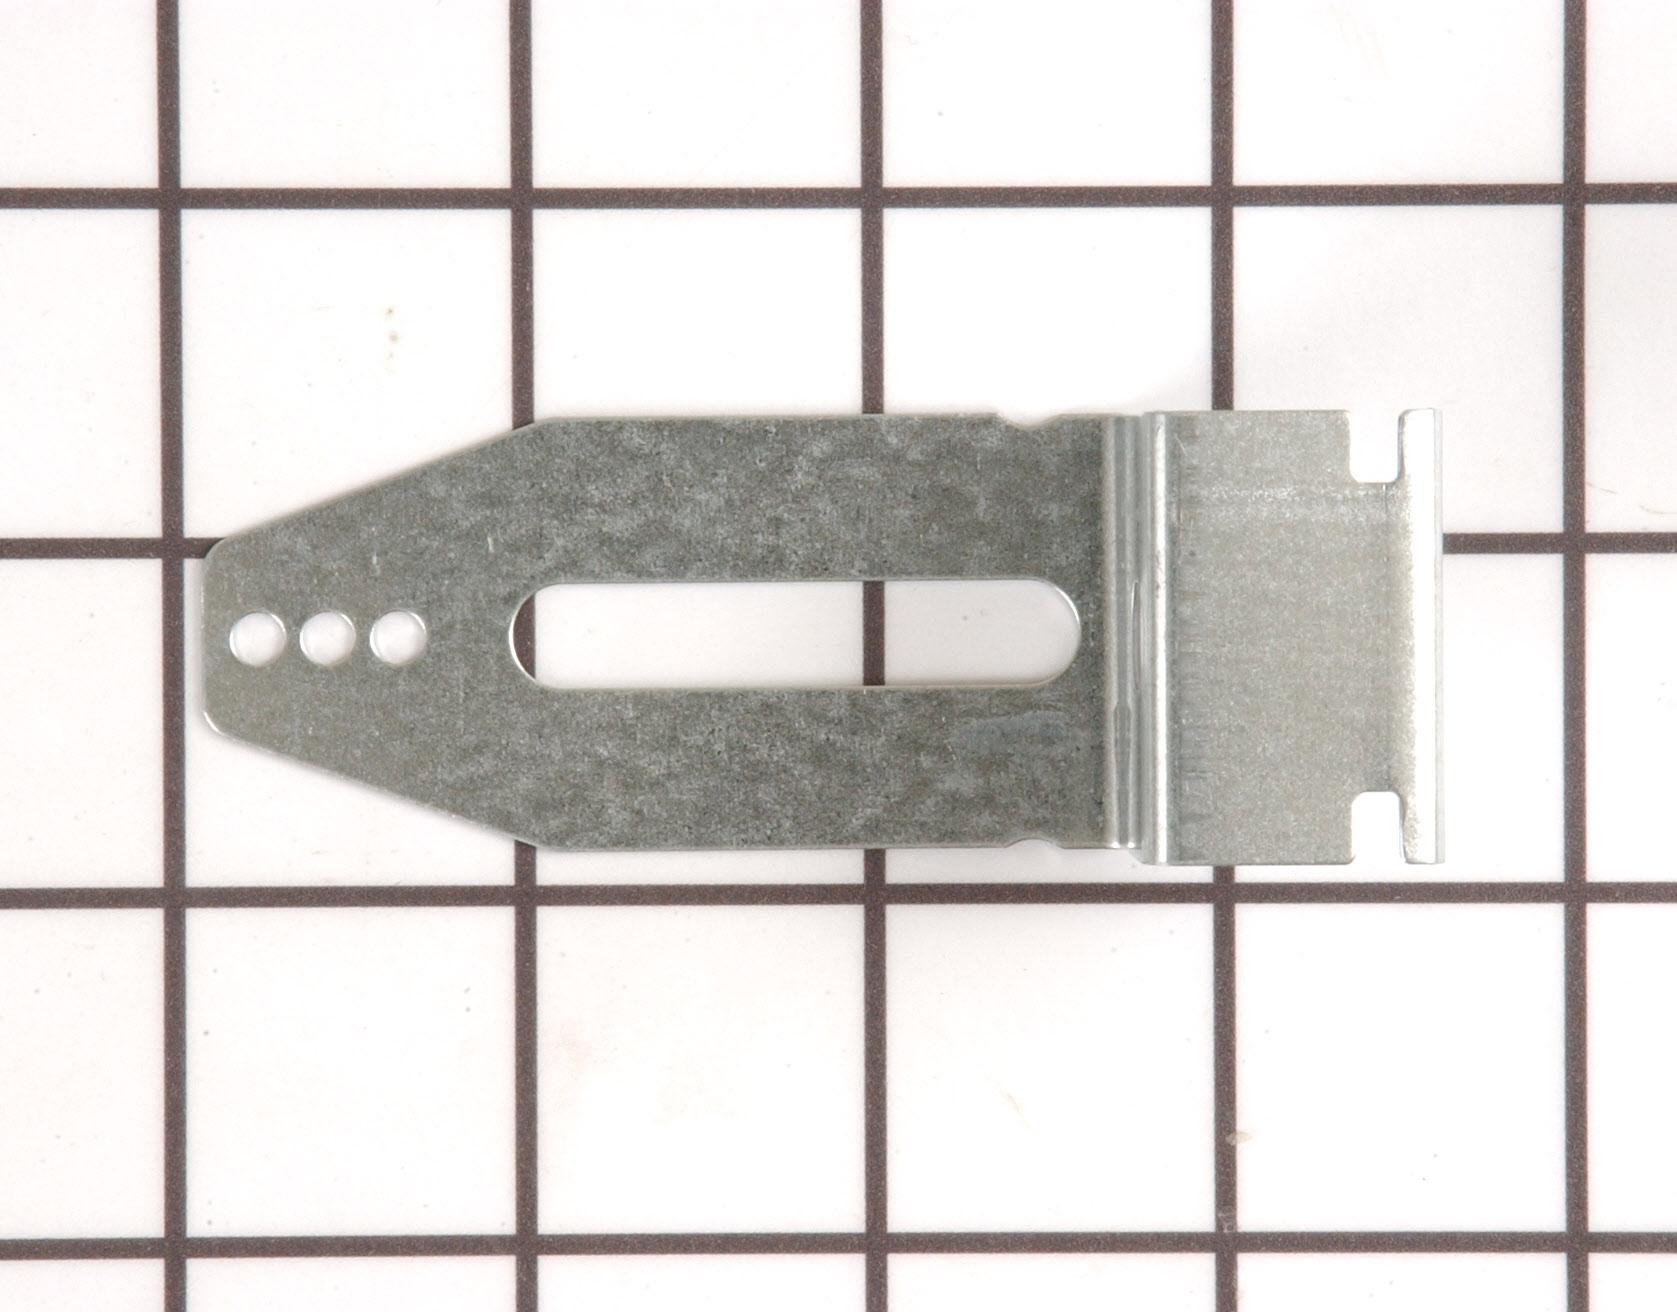 WP6-916881 Crosley Dishwasher Part -Mounting Bracket